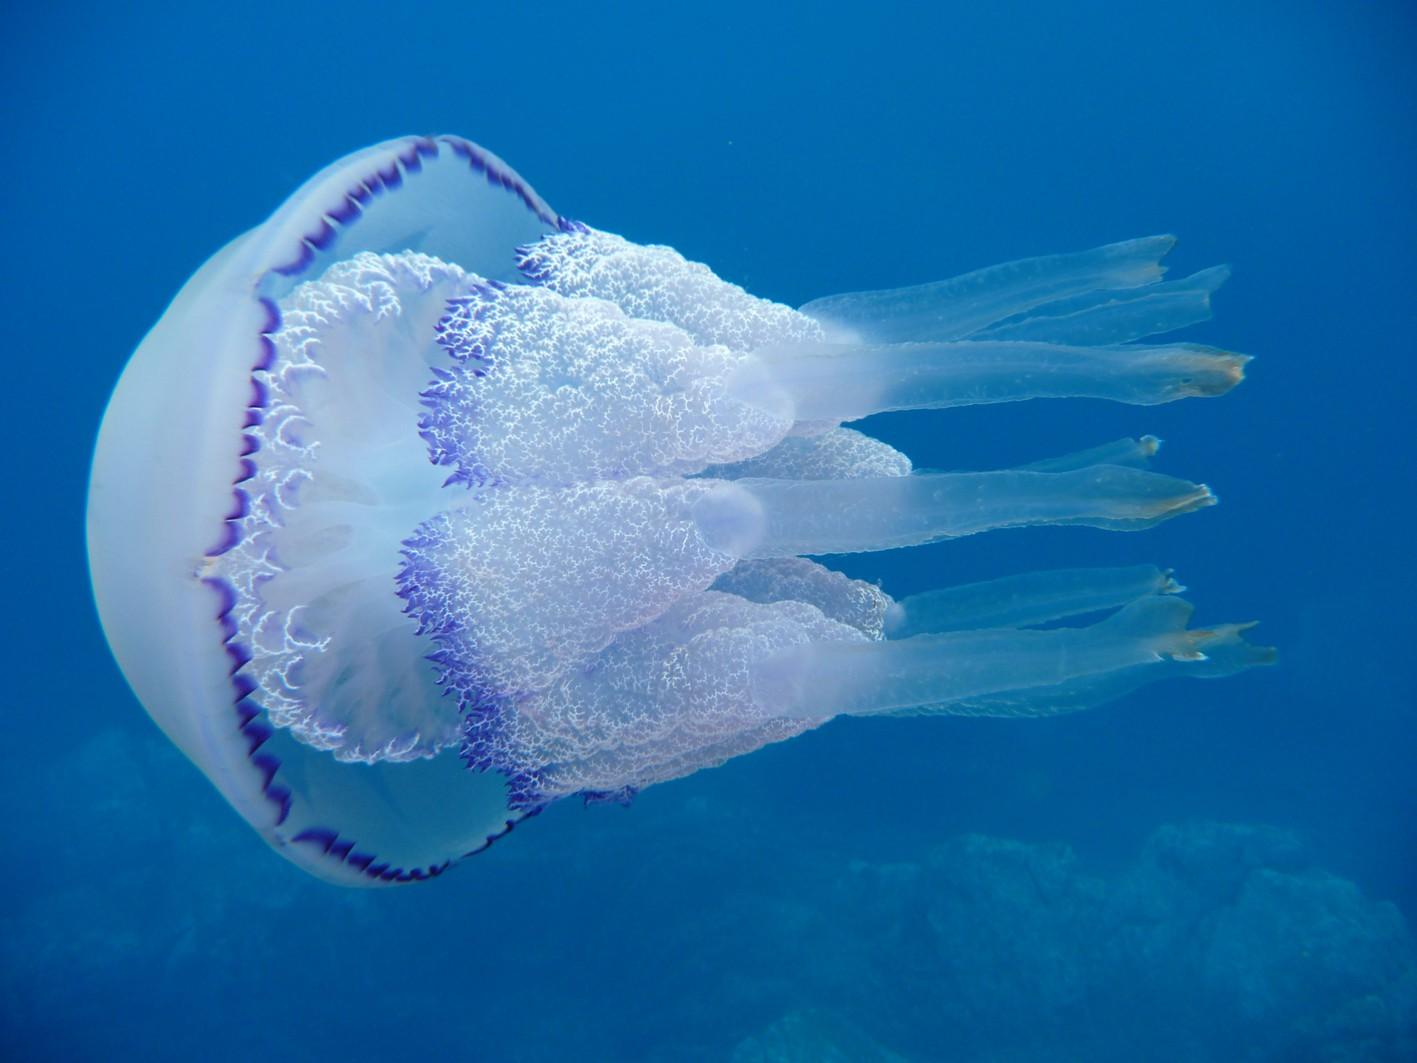 Доклад по биологии медуза крестовичок 6872